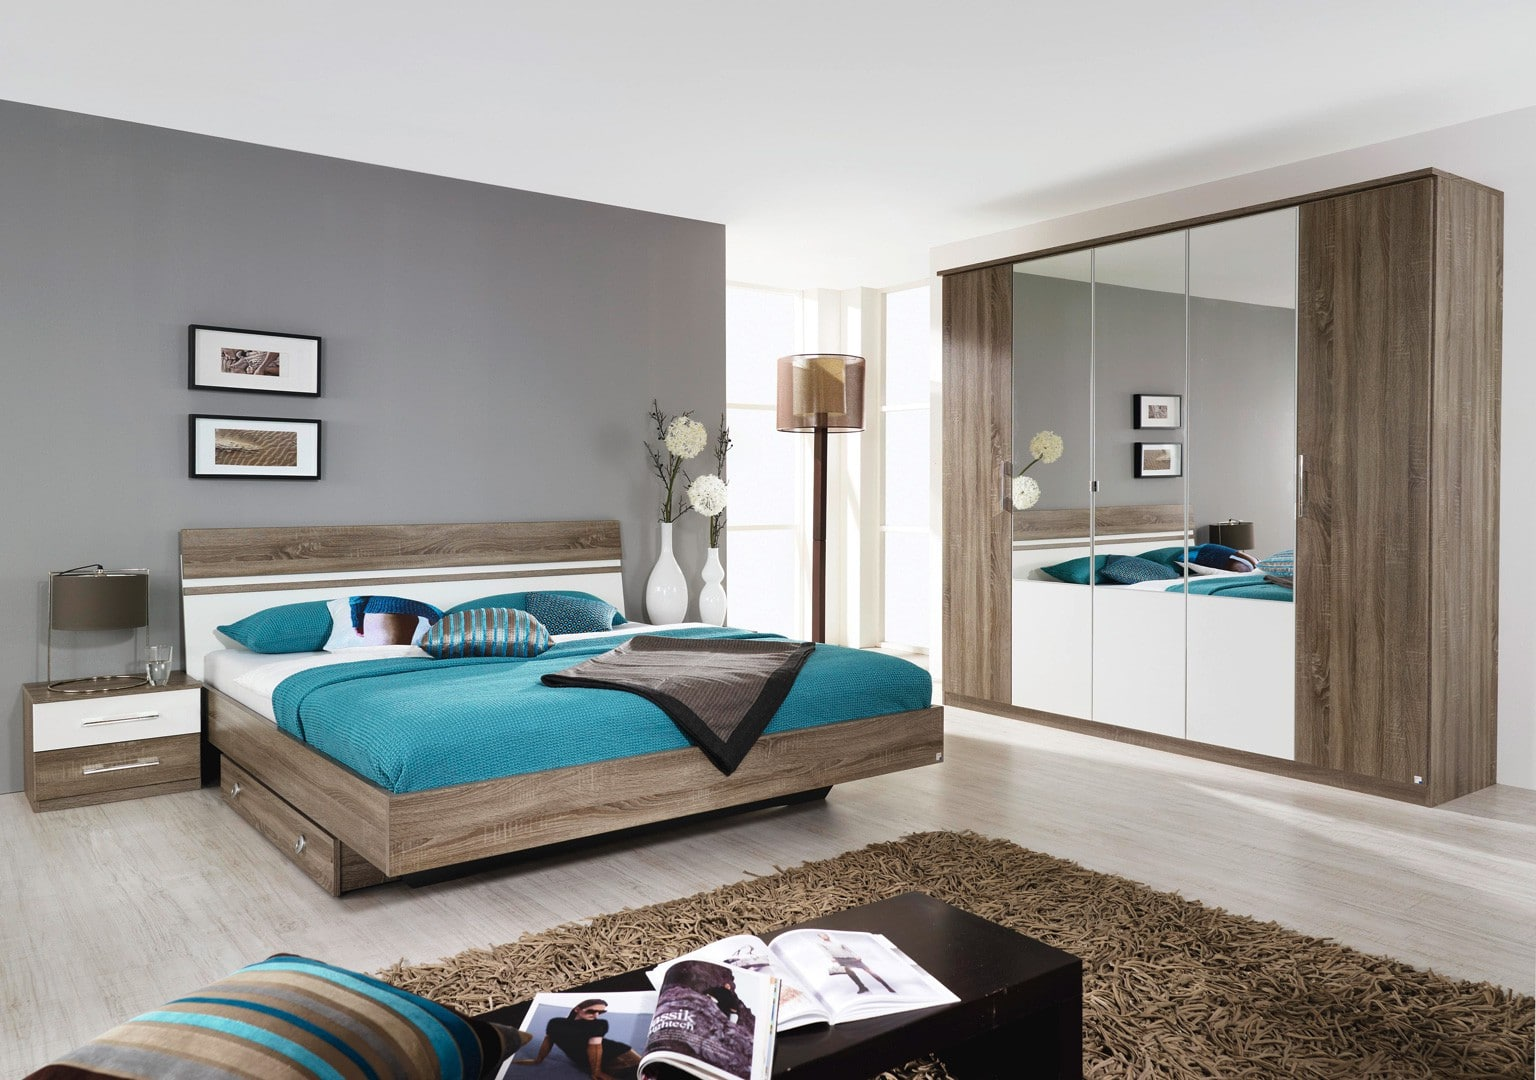 ambiance chaleureuse dans la chambre coucher matelpro. Black Bedroom Furniture Sets. Home Design Ideas